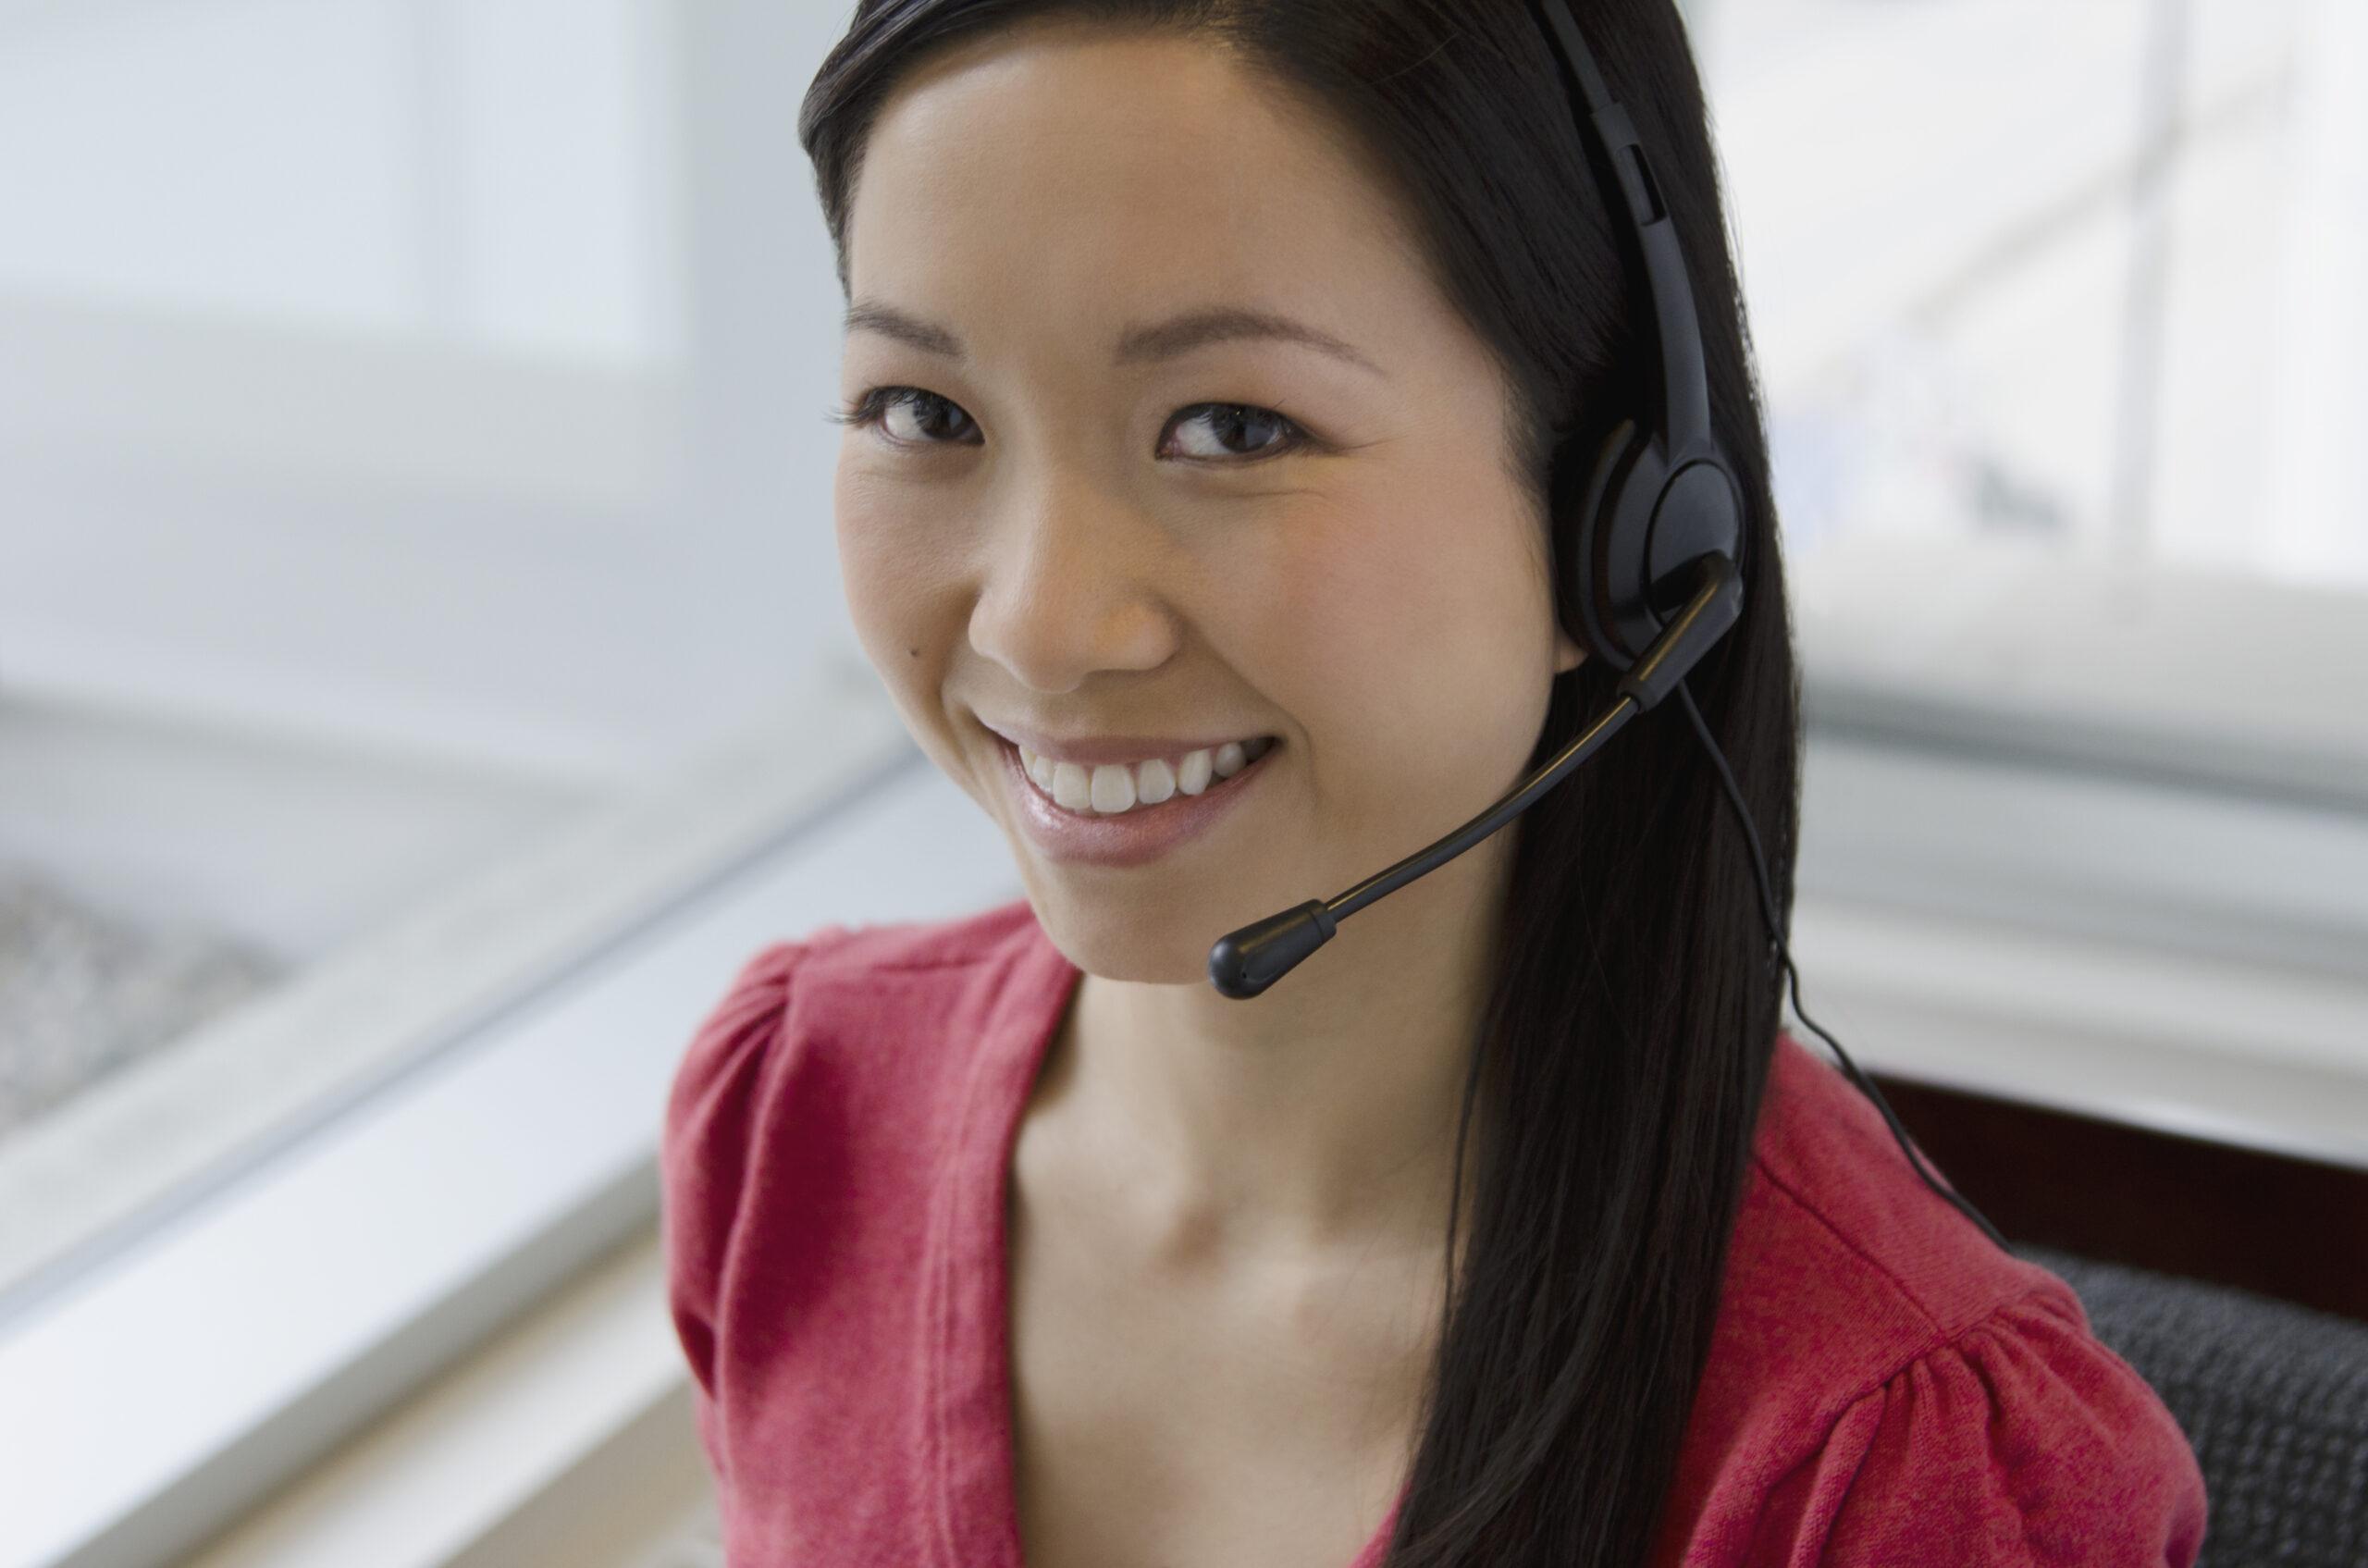 日本語・英語・タガログ語で問い合わせ対応件数、お客様の満足度ともに向上。